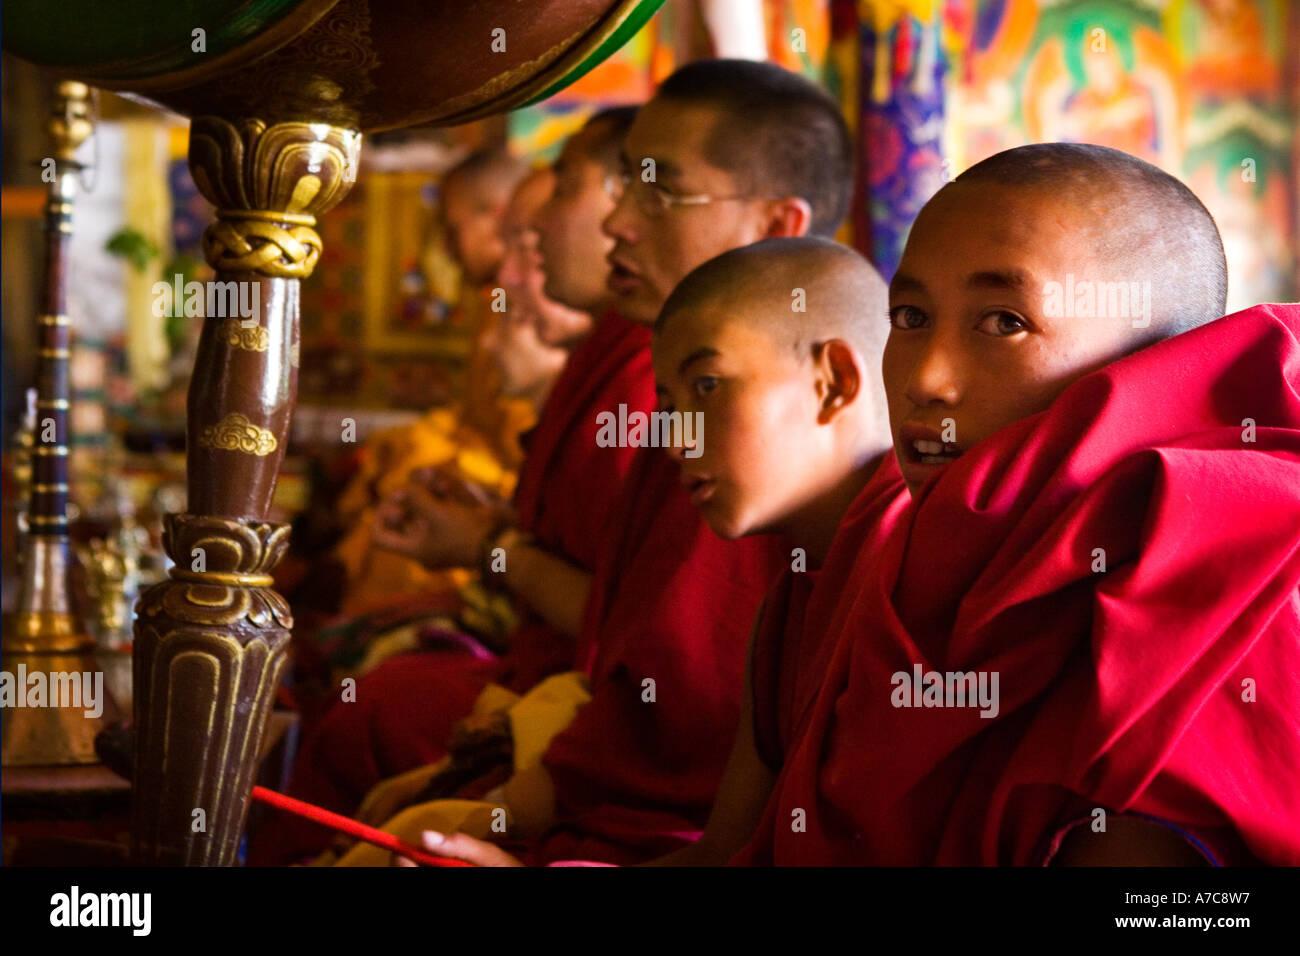 Giovani monaci e monaci dell Ordine Gelupa durante la puja - Likir Gompa - Ladakh - Himalaya indiano Immagini Stock